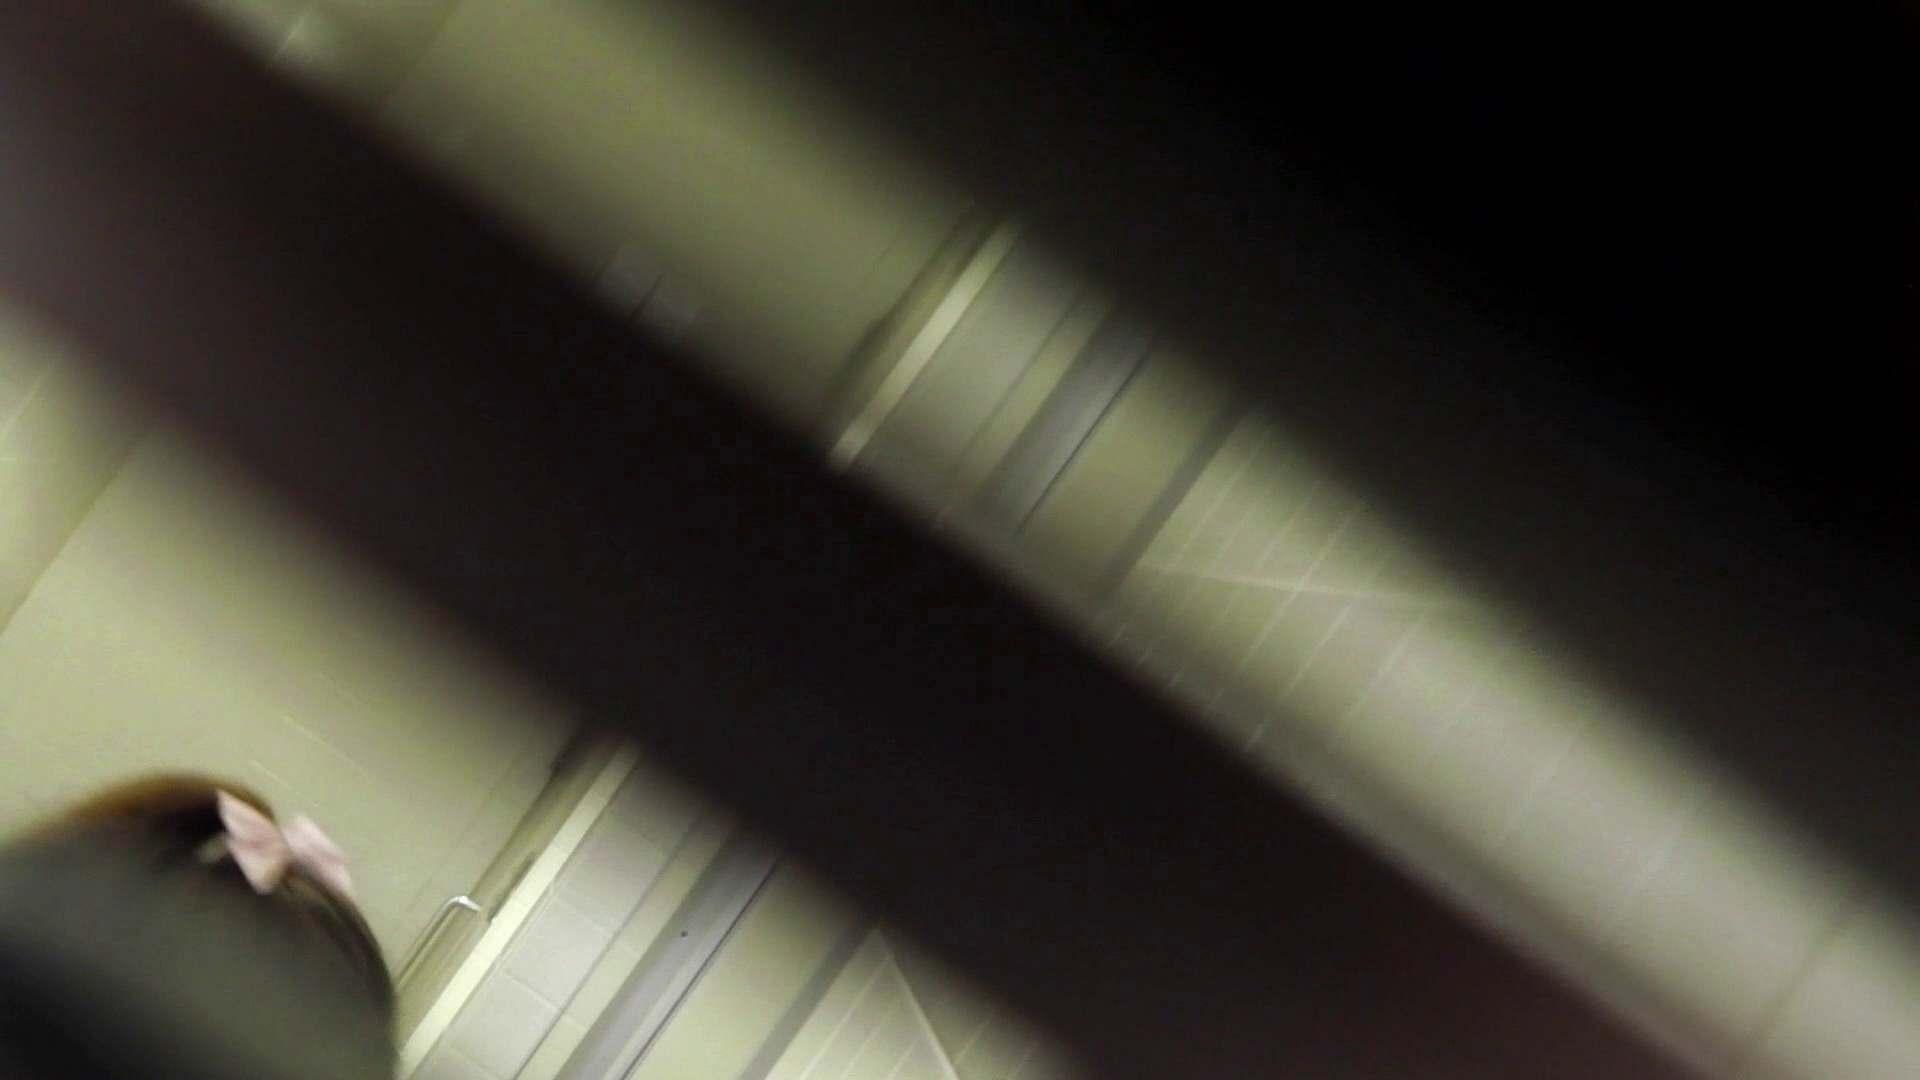 別冊「洗面所突入レポート!!」【閲覧注意!】シート的な物に興味のある方のみ! 美人 | 洗面所  49連発 35